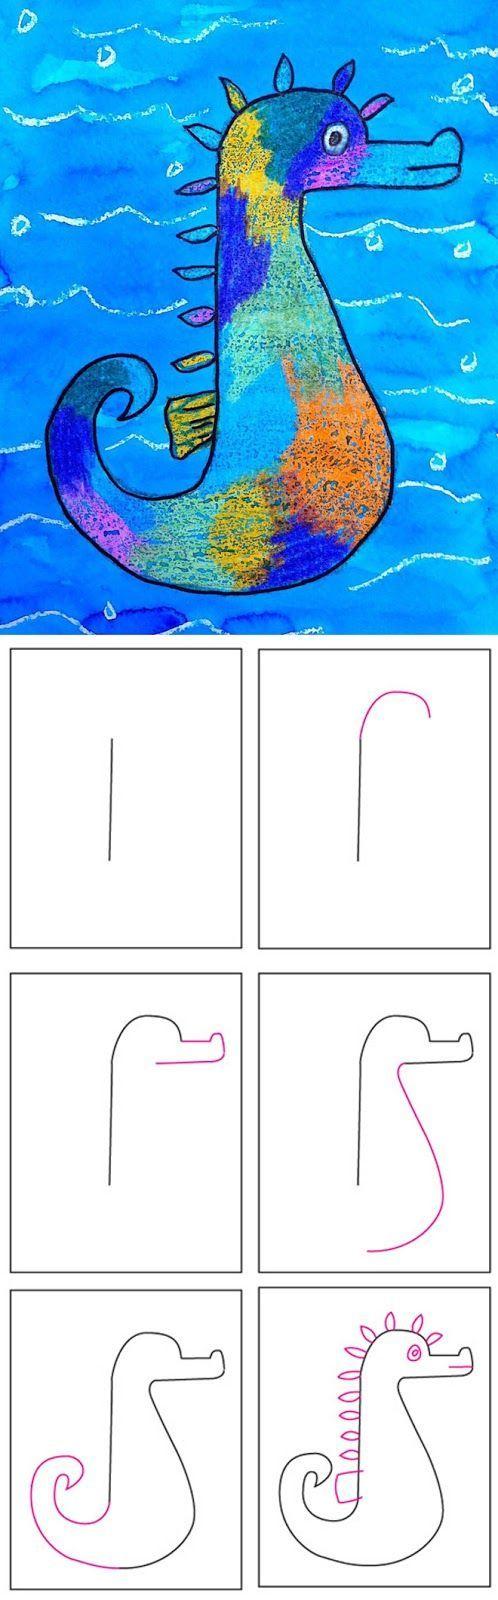 Stap voor stap: teken een zeepaardje. Tekenen met wasco en dan kleuren met ecoline. voor de achtergrond kun je wat kleuterlijm en glitter mengen met ecoline, voor een mooi effect!